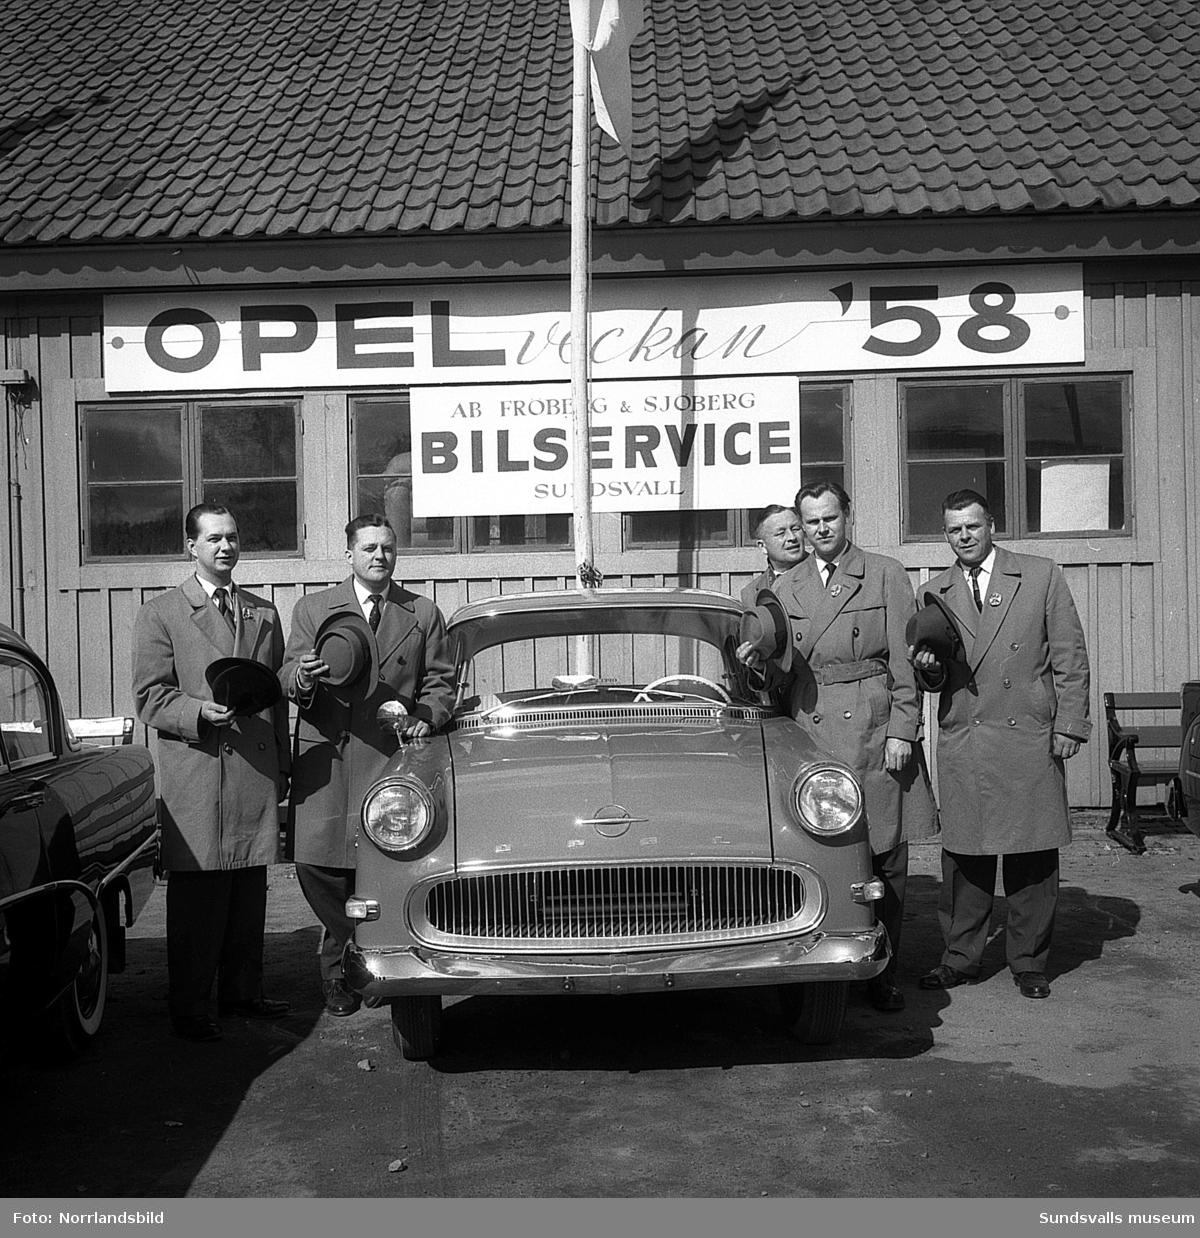 Fröberg & Sjöbergs bilservice laddar för Opel-veckan -58. Okänd adress.